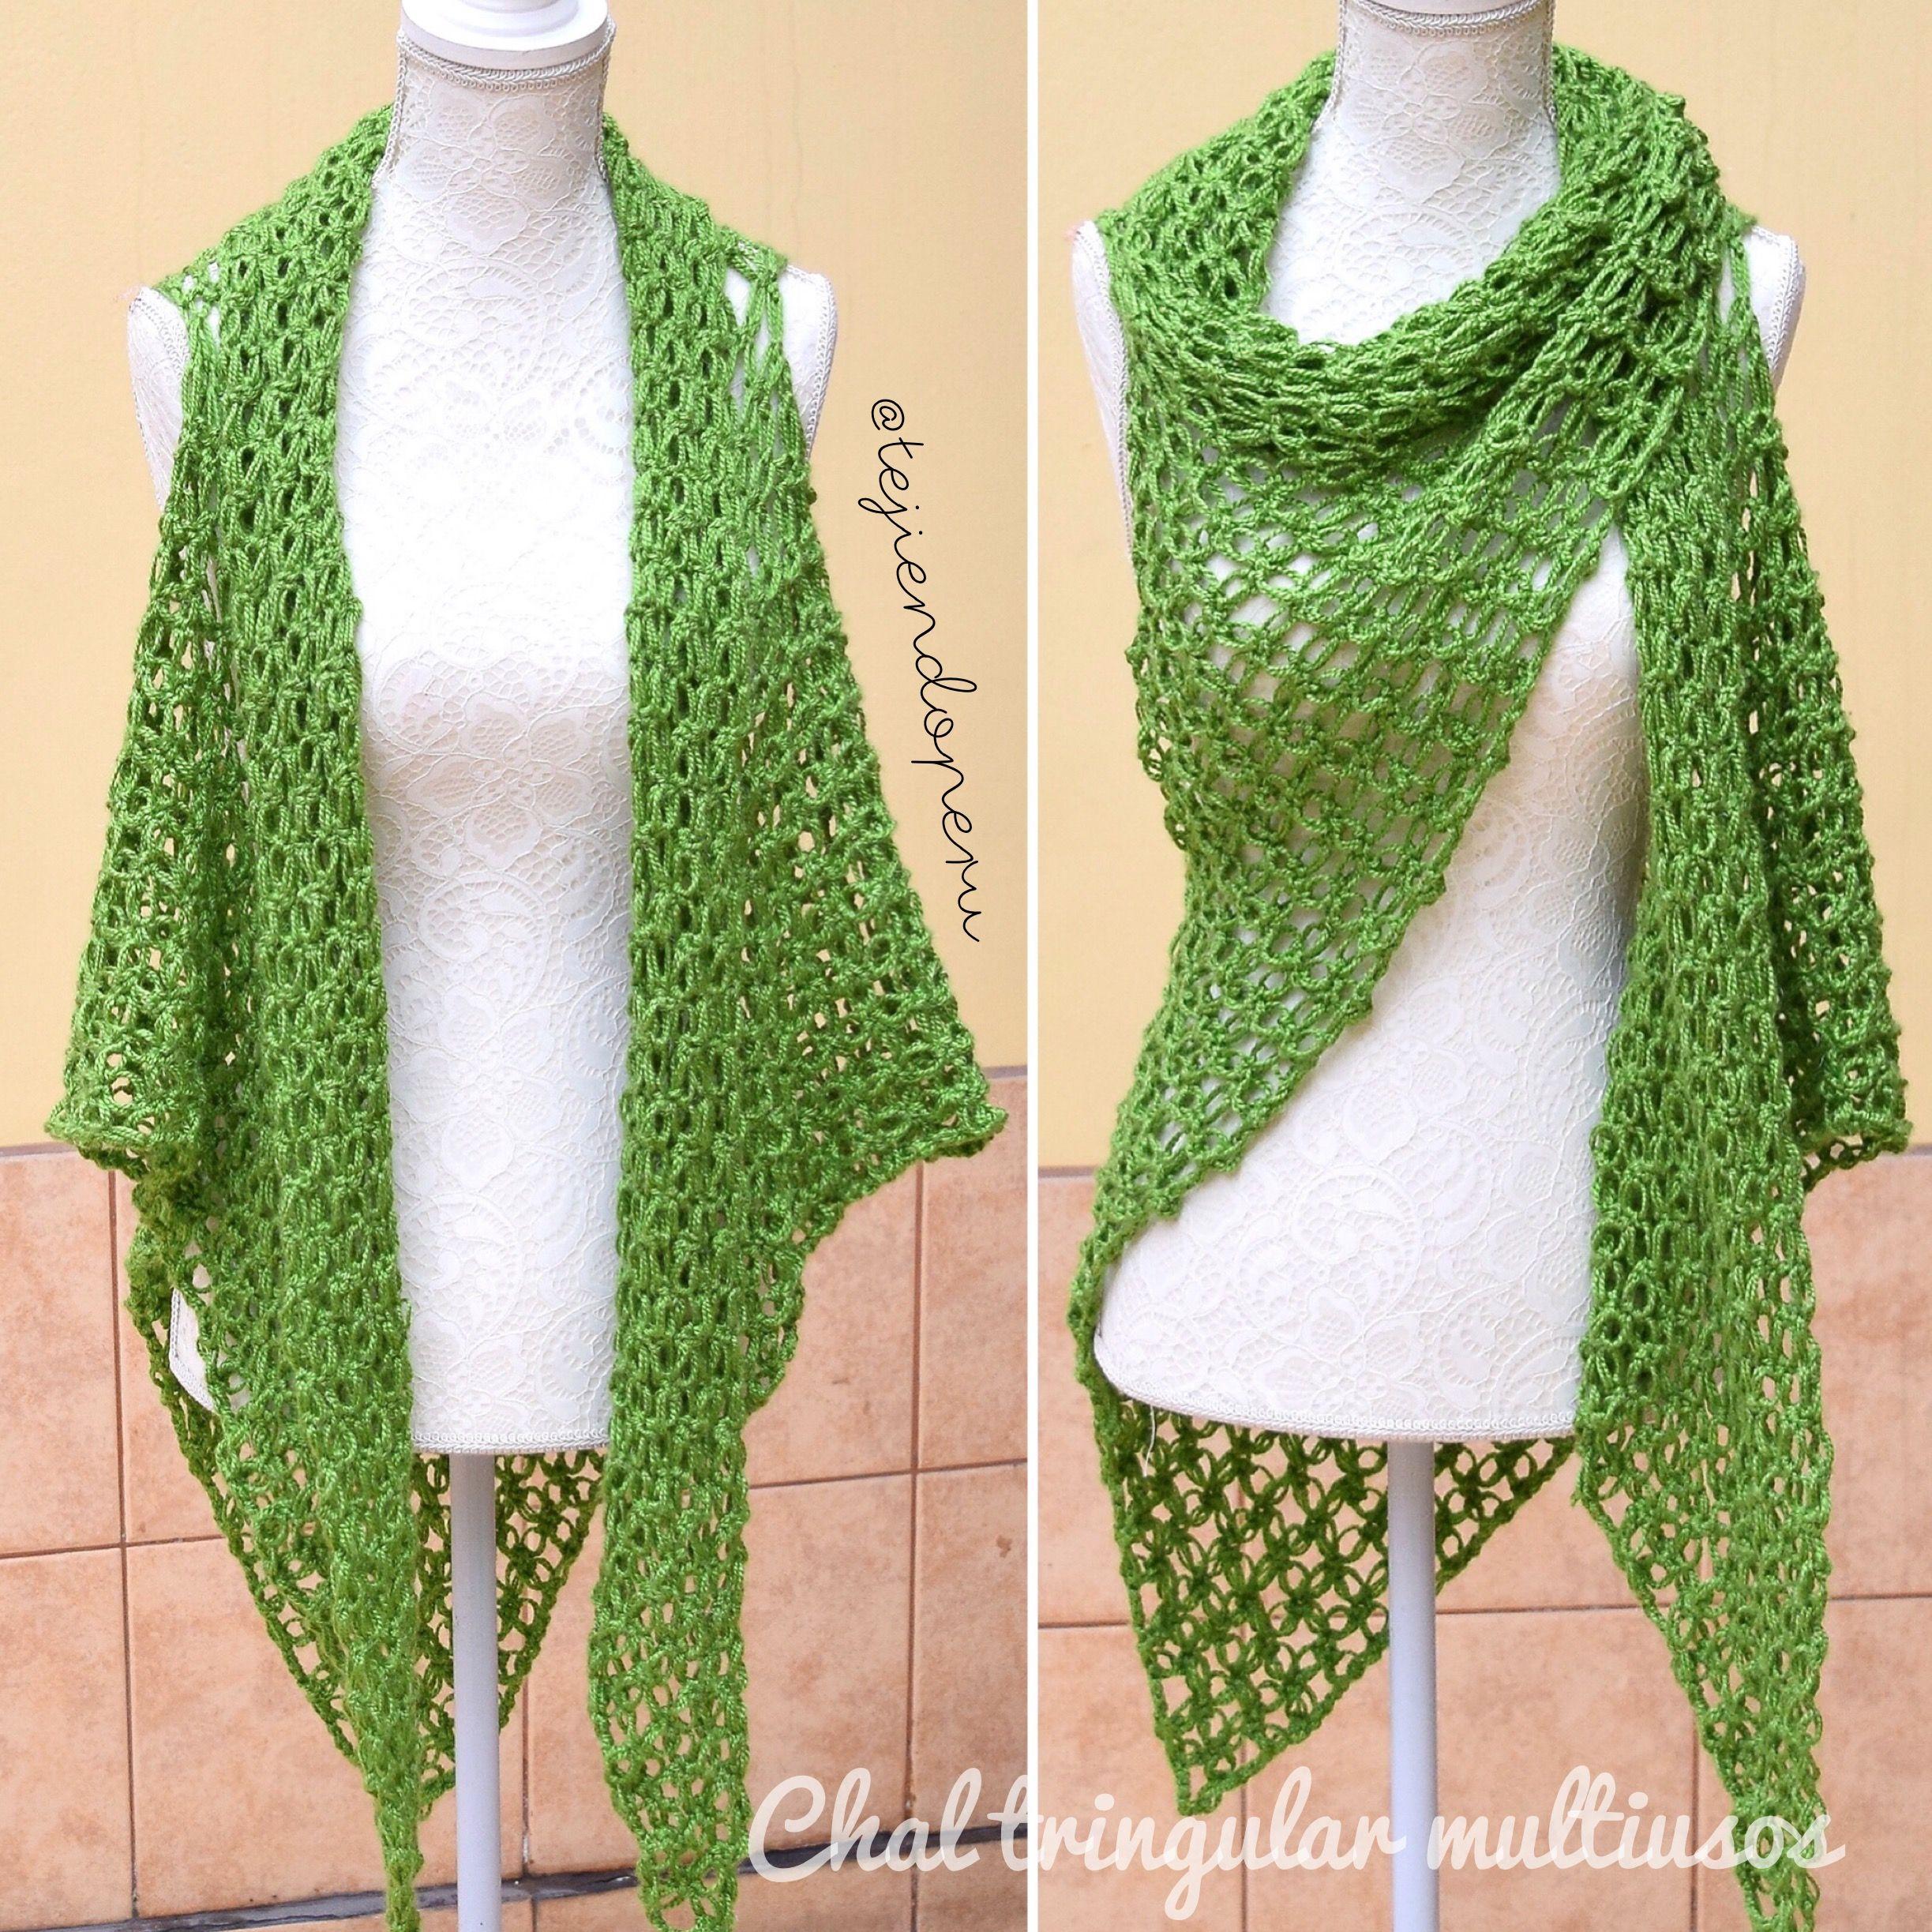 Chal triangular en #nudoSalomon con sisas! #Crochet paso a paso ...